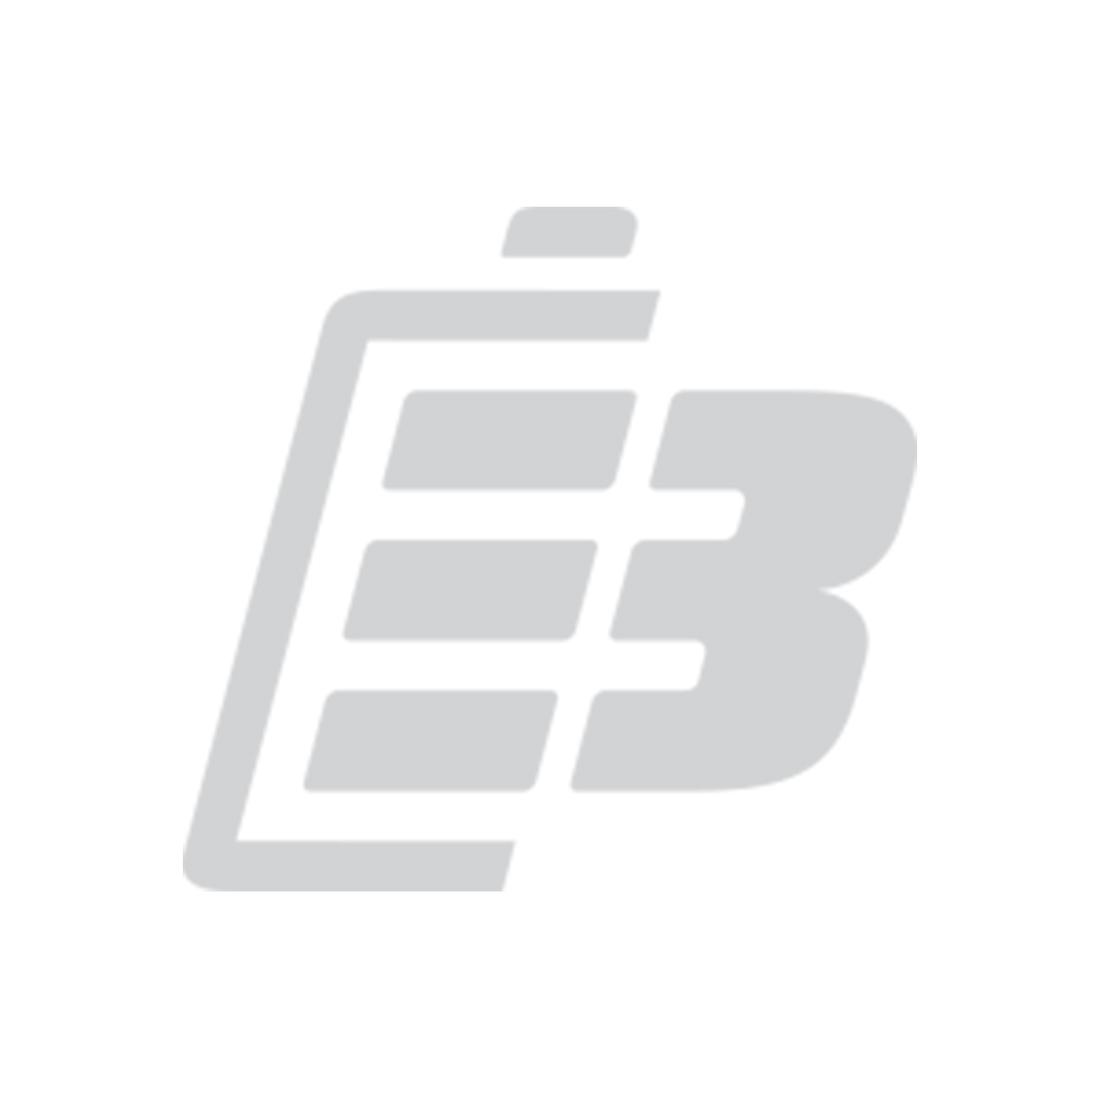 CSB Lead Acid Battery XHRL12475W 1